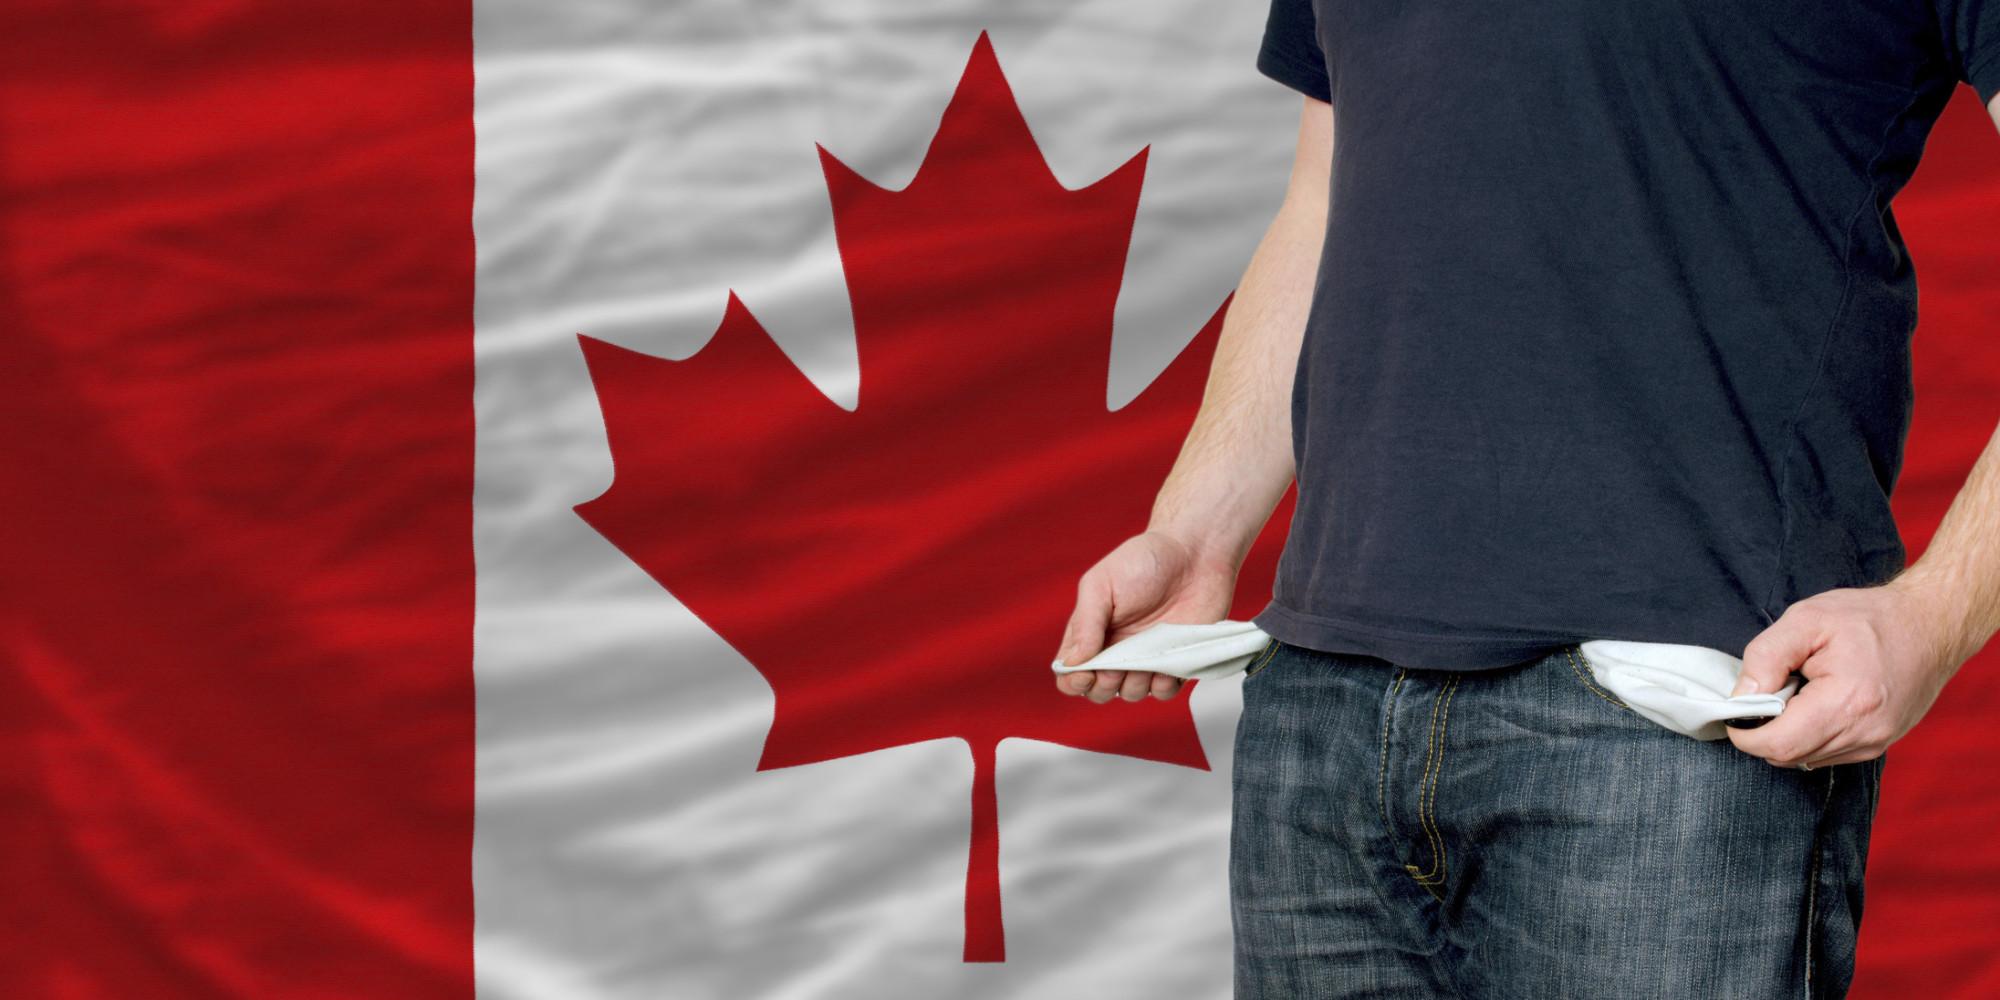 http://i.huffpost.com/gen/2390812/images/o-CANADA-ECONOMY-facebook.jpg